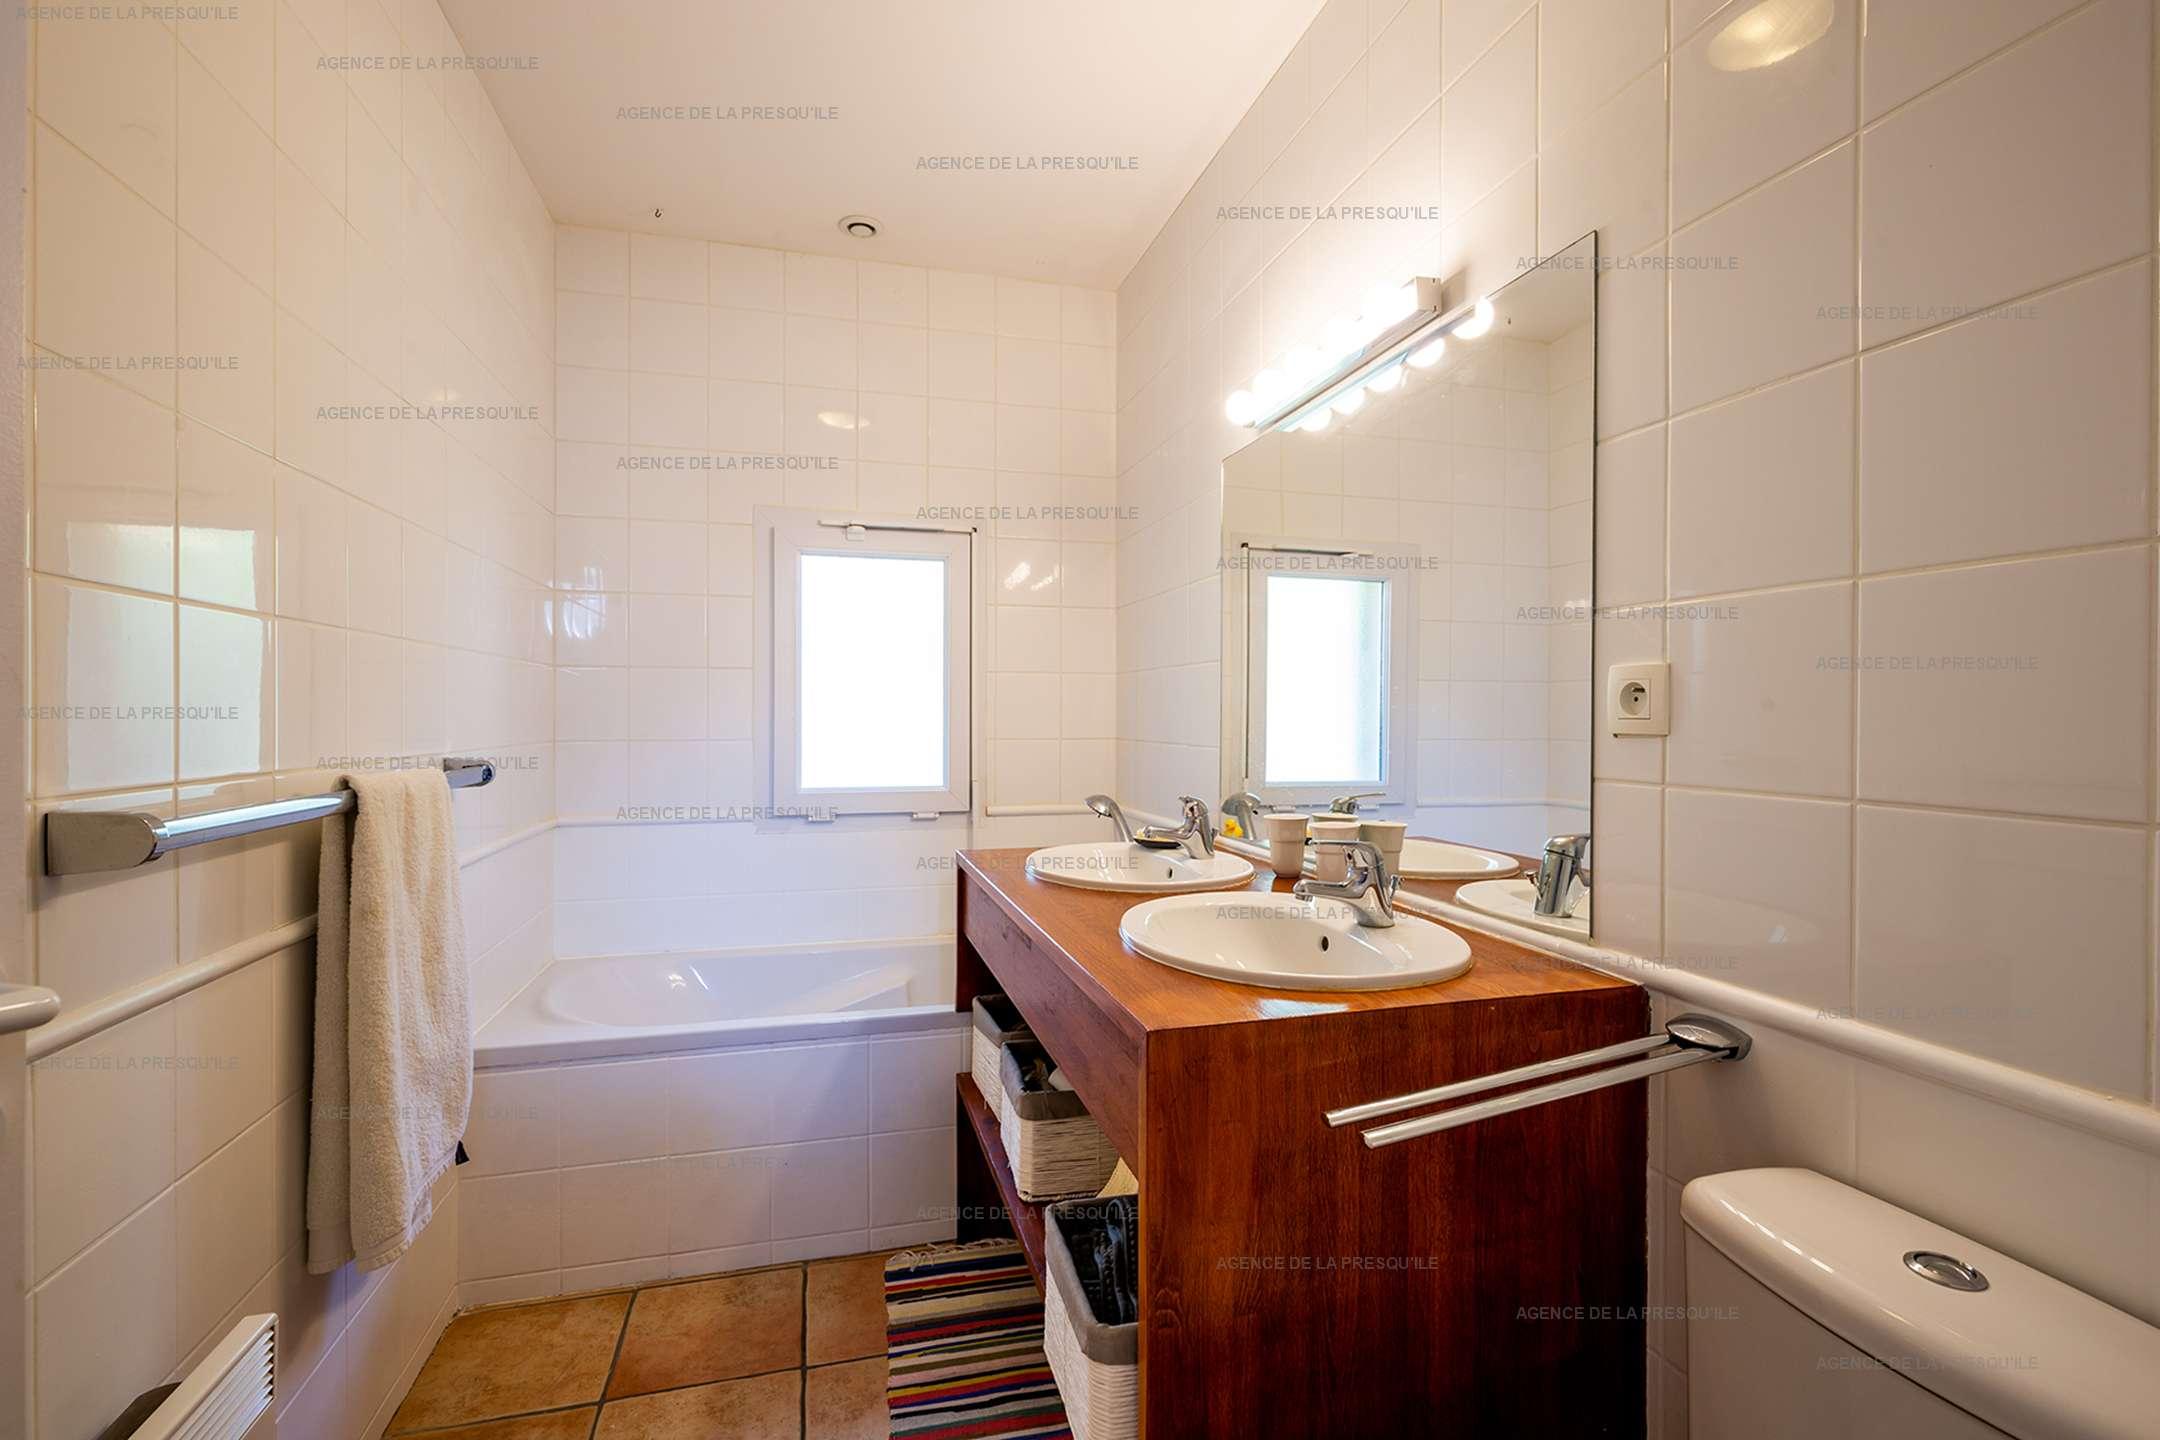 Location: Très jolie villa en bordure de forêt avec piscine 8